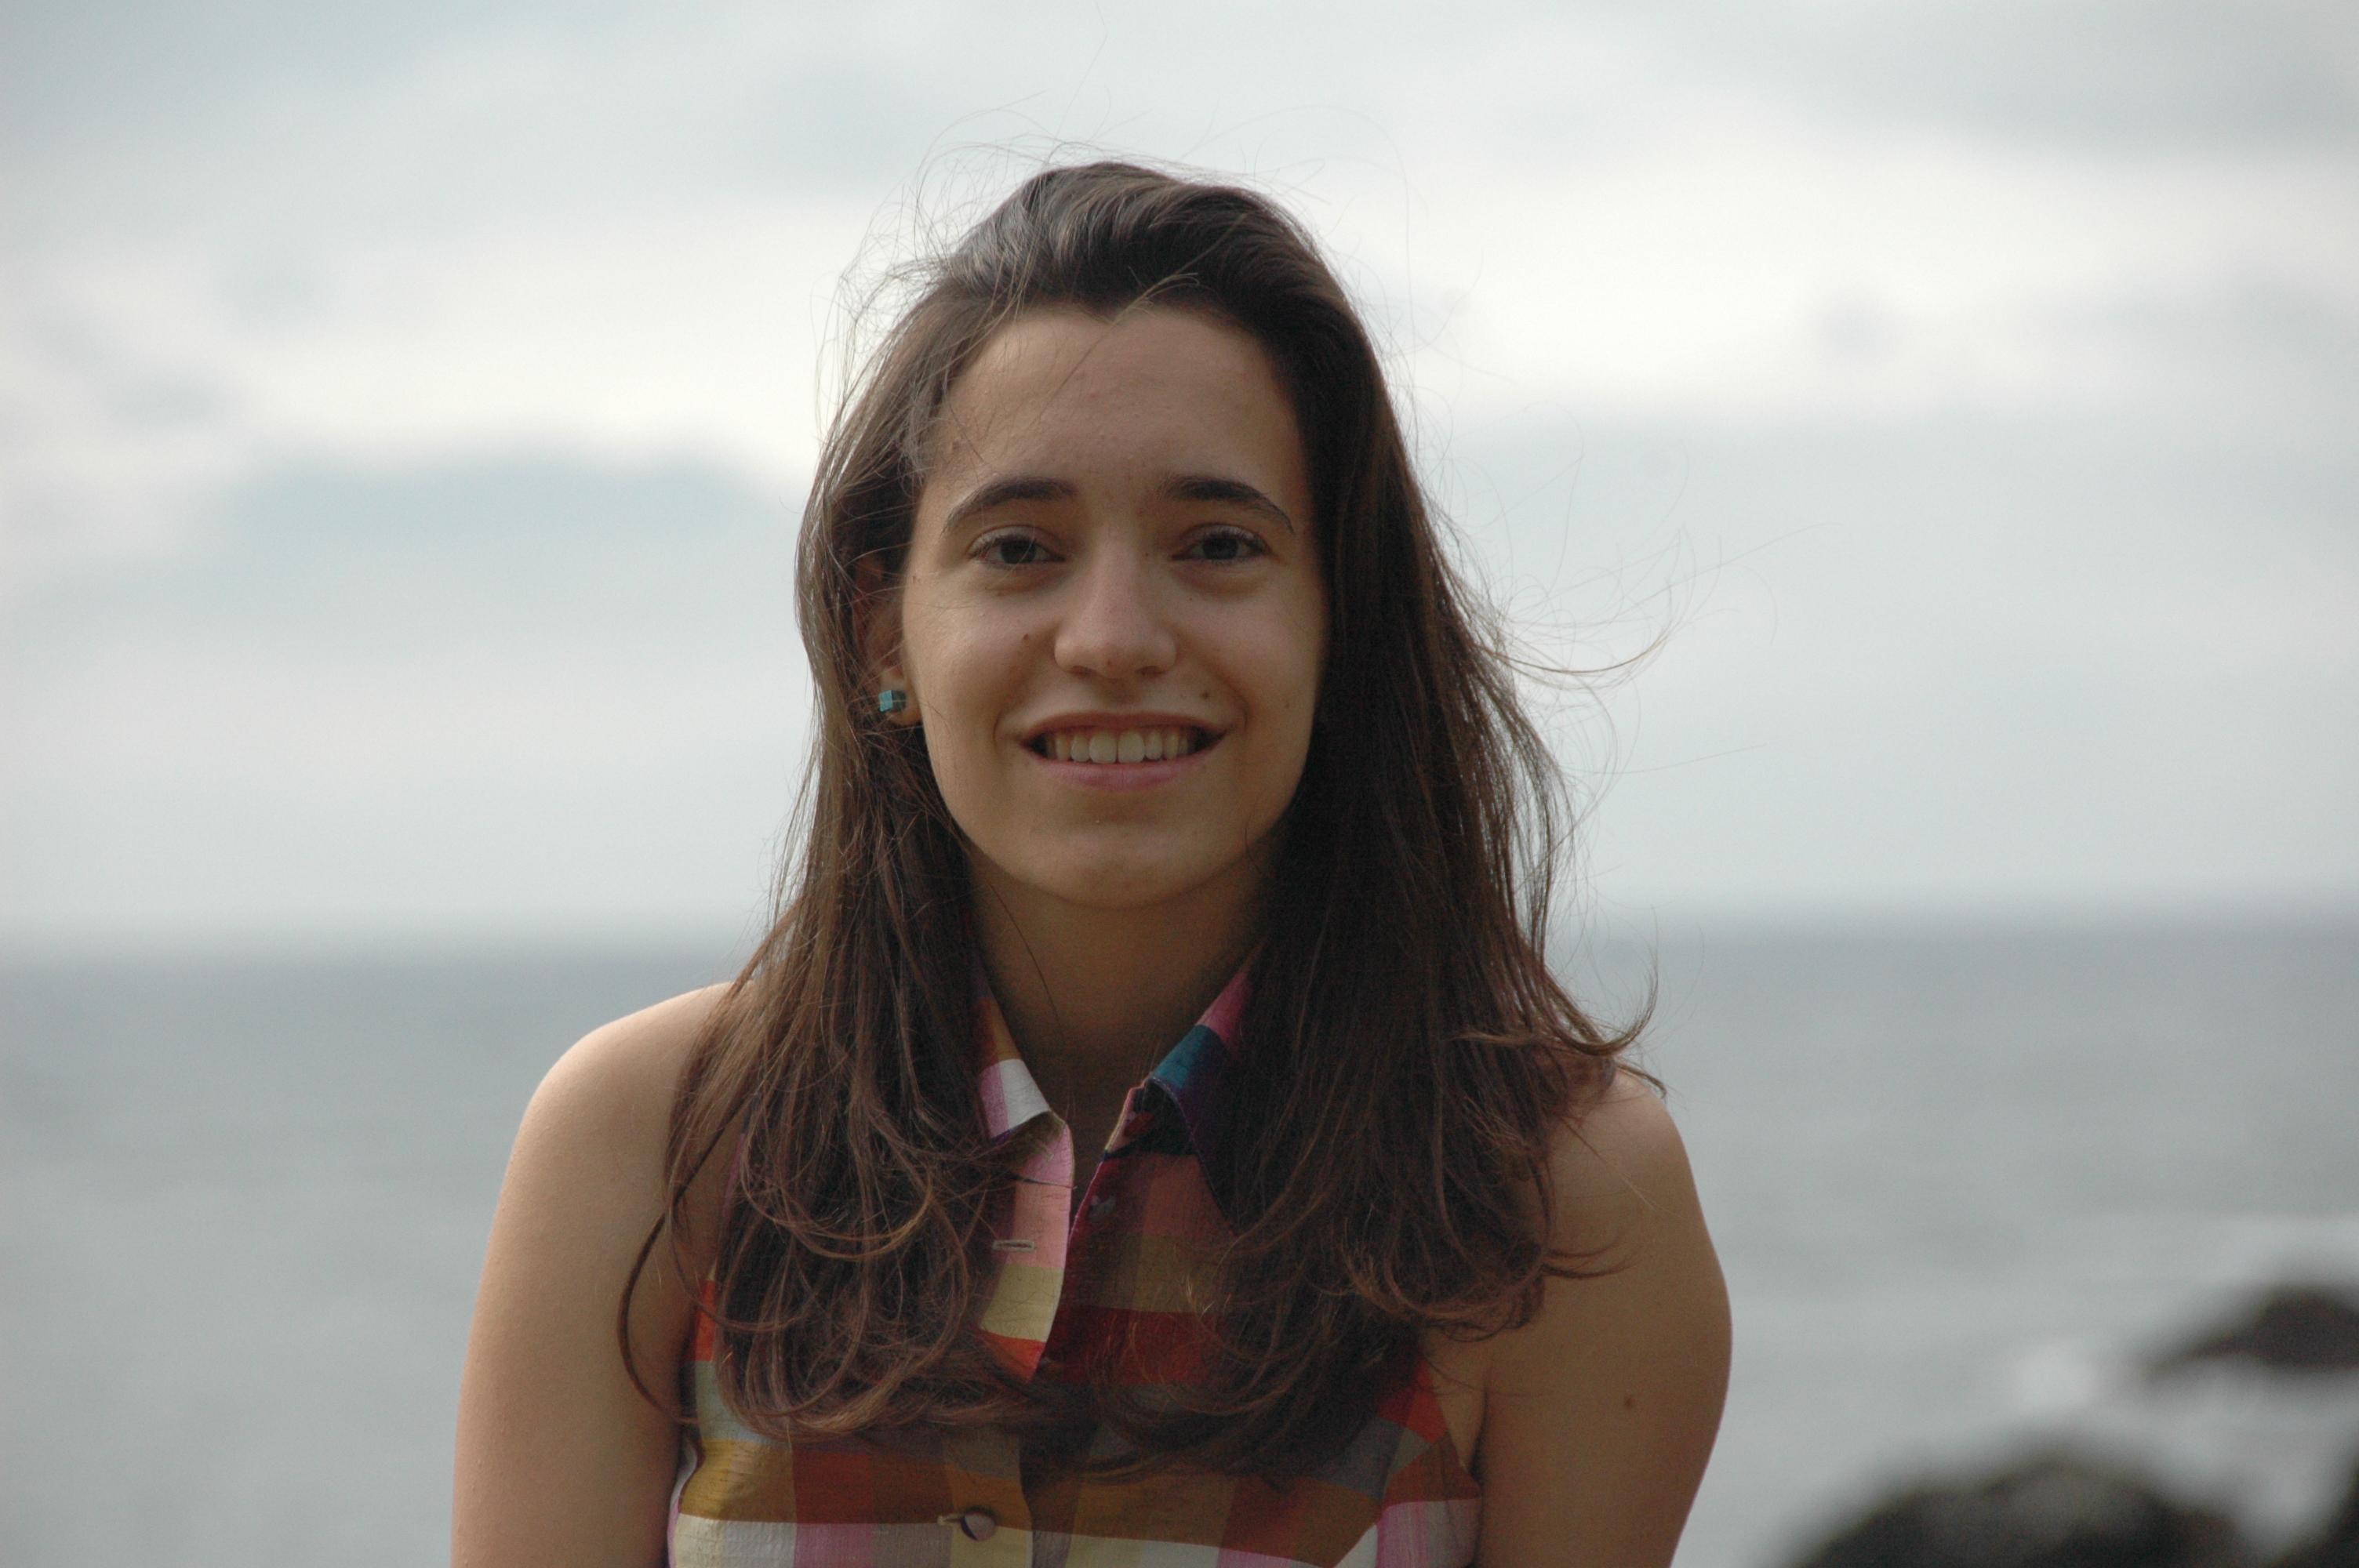 Simone Eizagirre